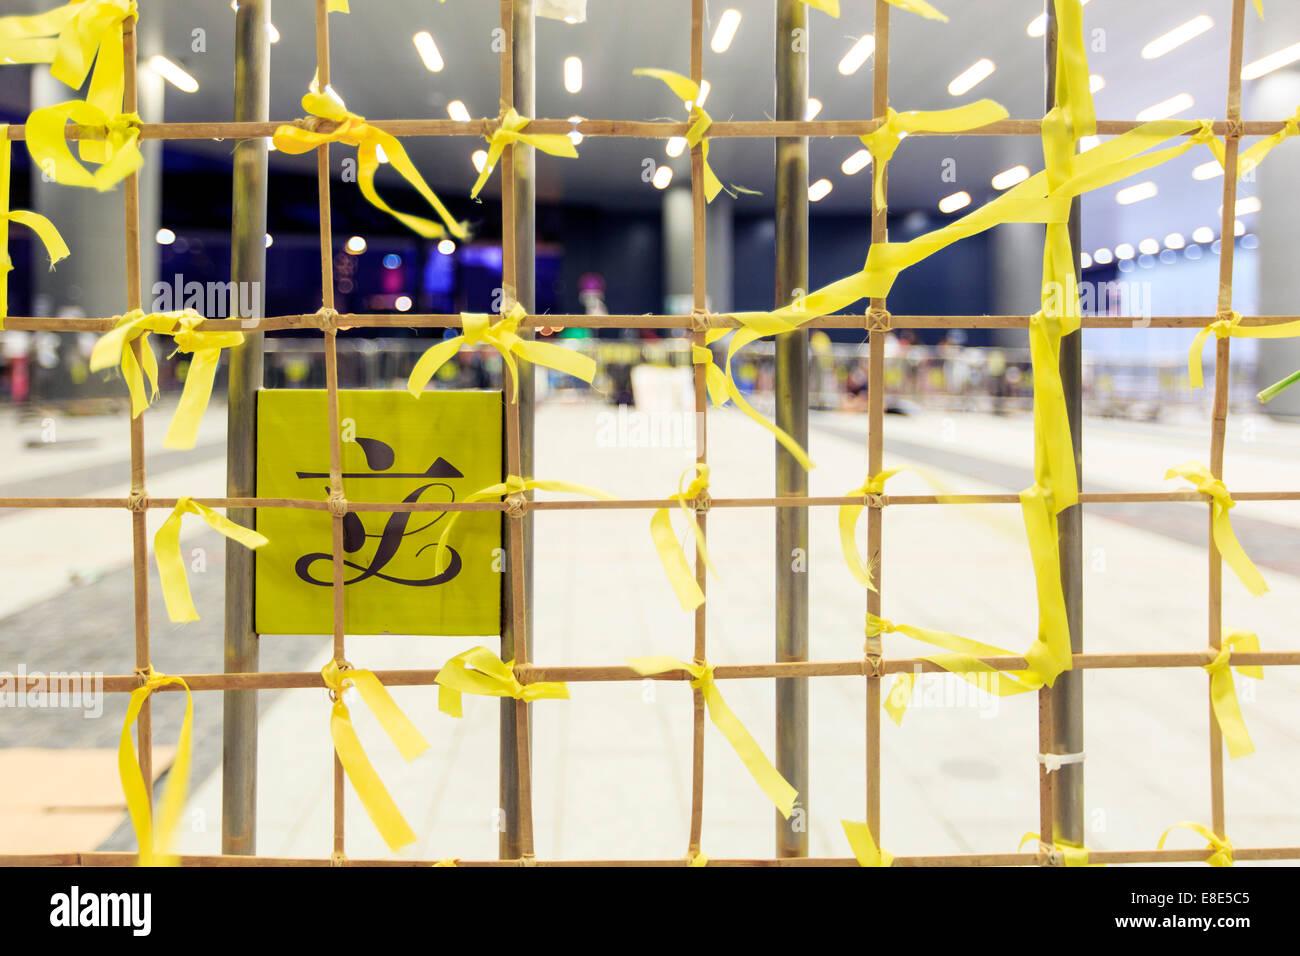 Yellow ribbon tied at the gate of the Hong Kong legislative council. - Stock Image